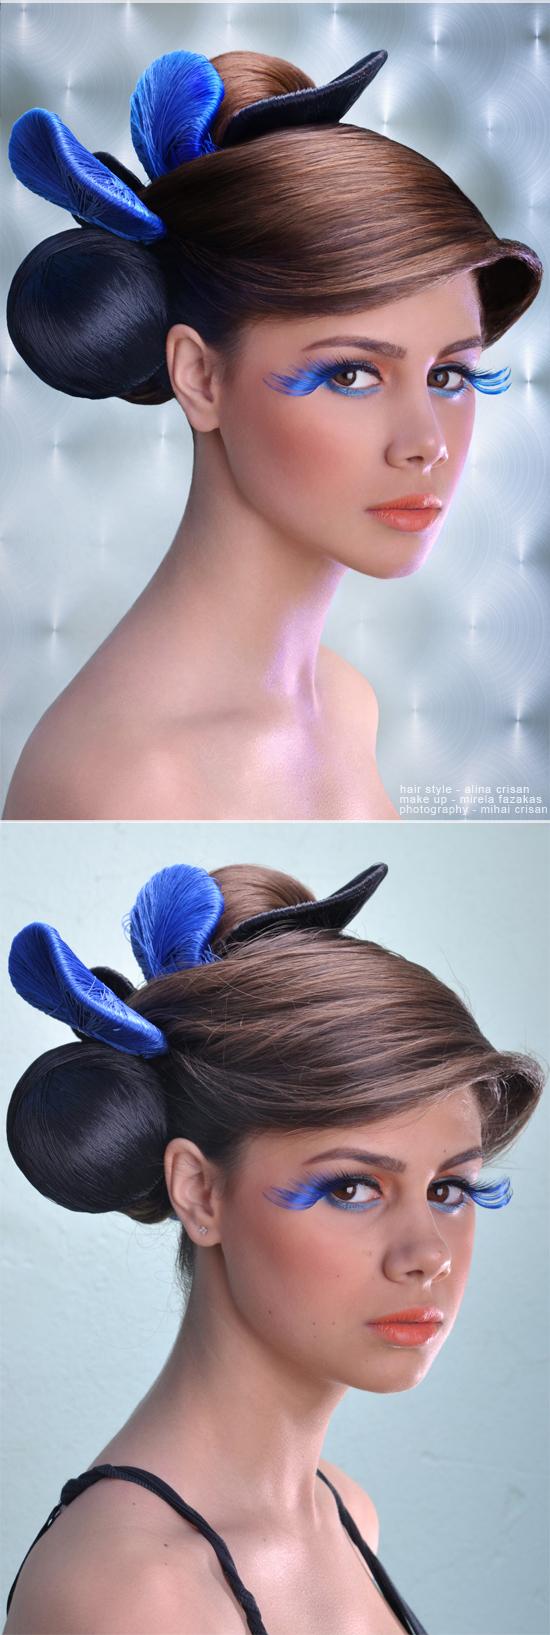 Mar 30, 2010 by mihai crisan ; hair style - alina crisan, mua - mirela fazakas HR VI